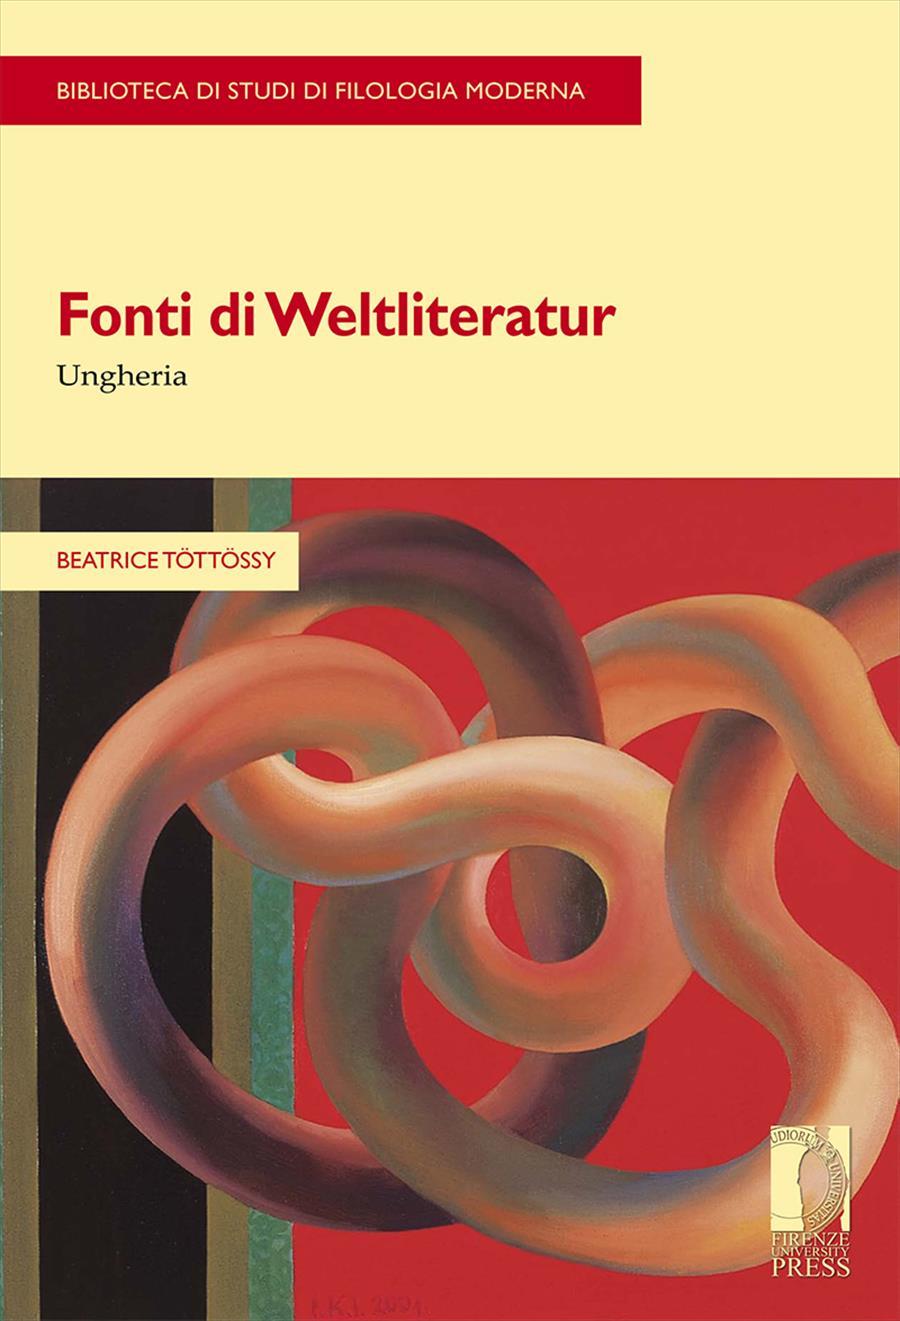 Fonti di Weltliteratur